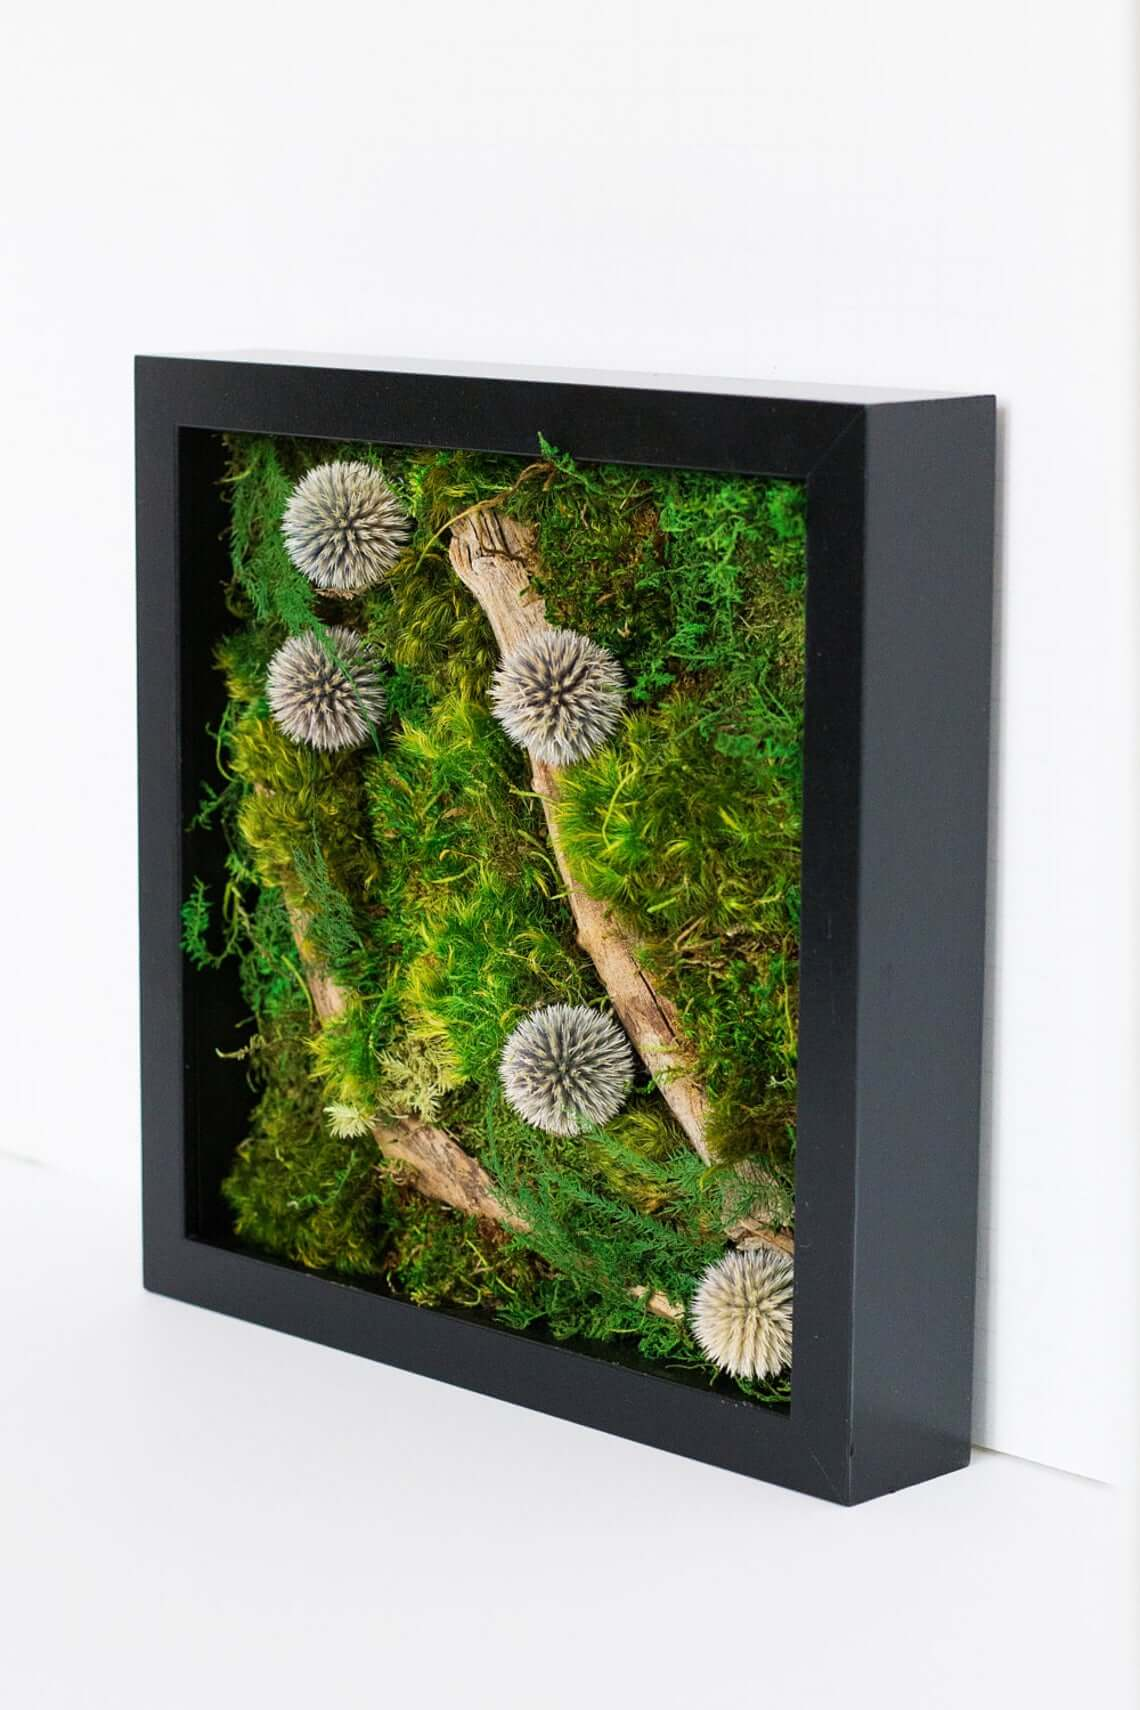 Spherical Moss Art Wall Design